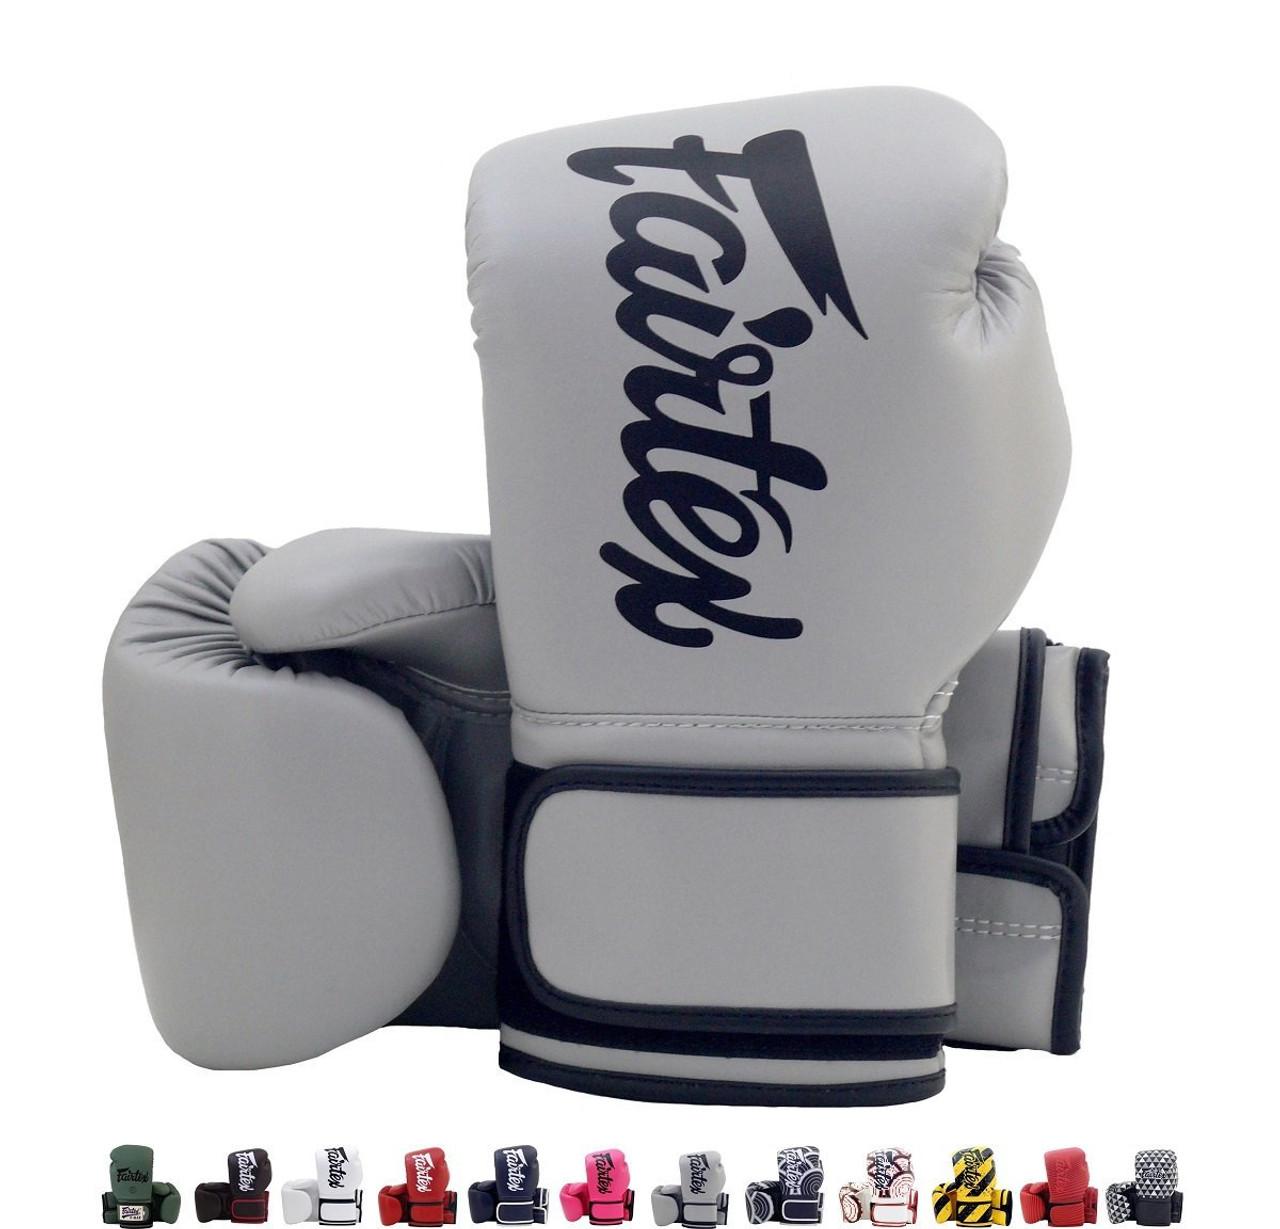 5ebba67b7104 Fairtex Muay Thai Boxing Gloves BGV14